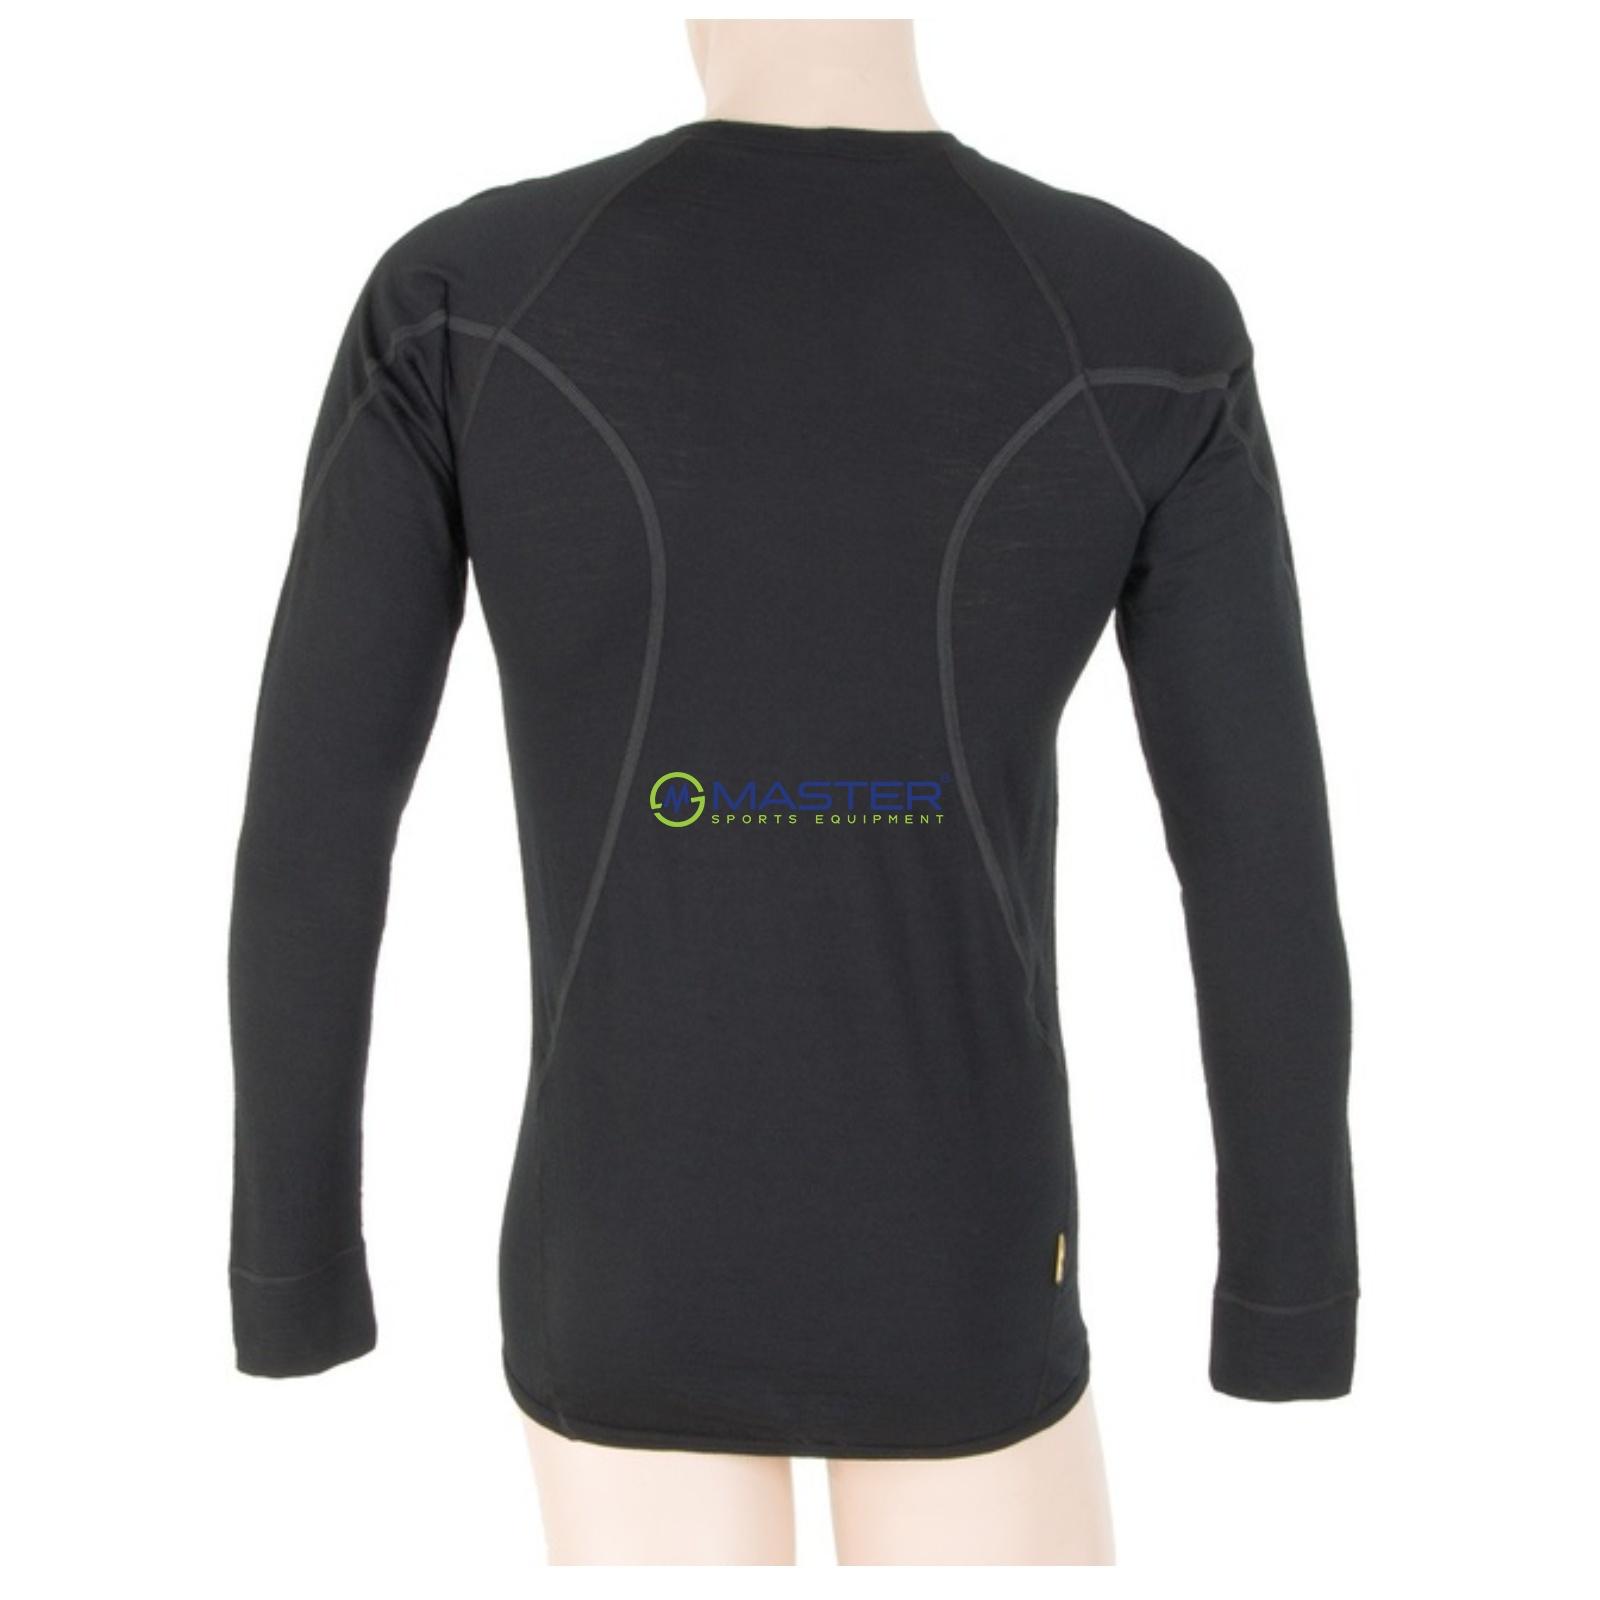 Triko dlouhý rukáv SENSOR Merino Wool Active pánské černé. celá galerie 4e20b70a46